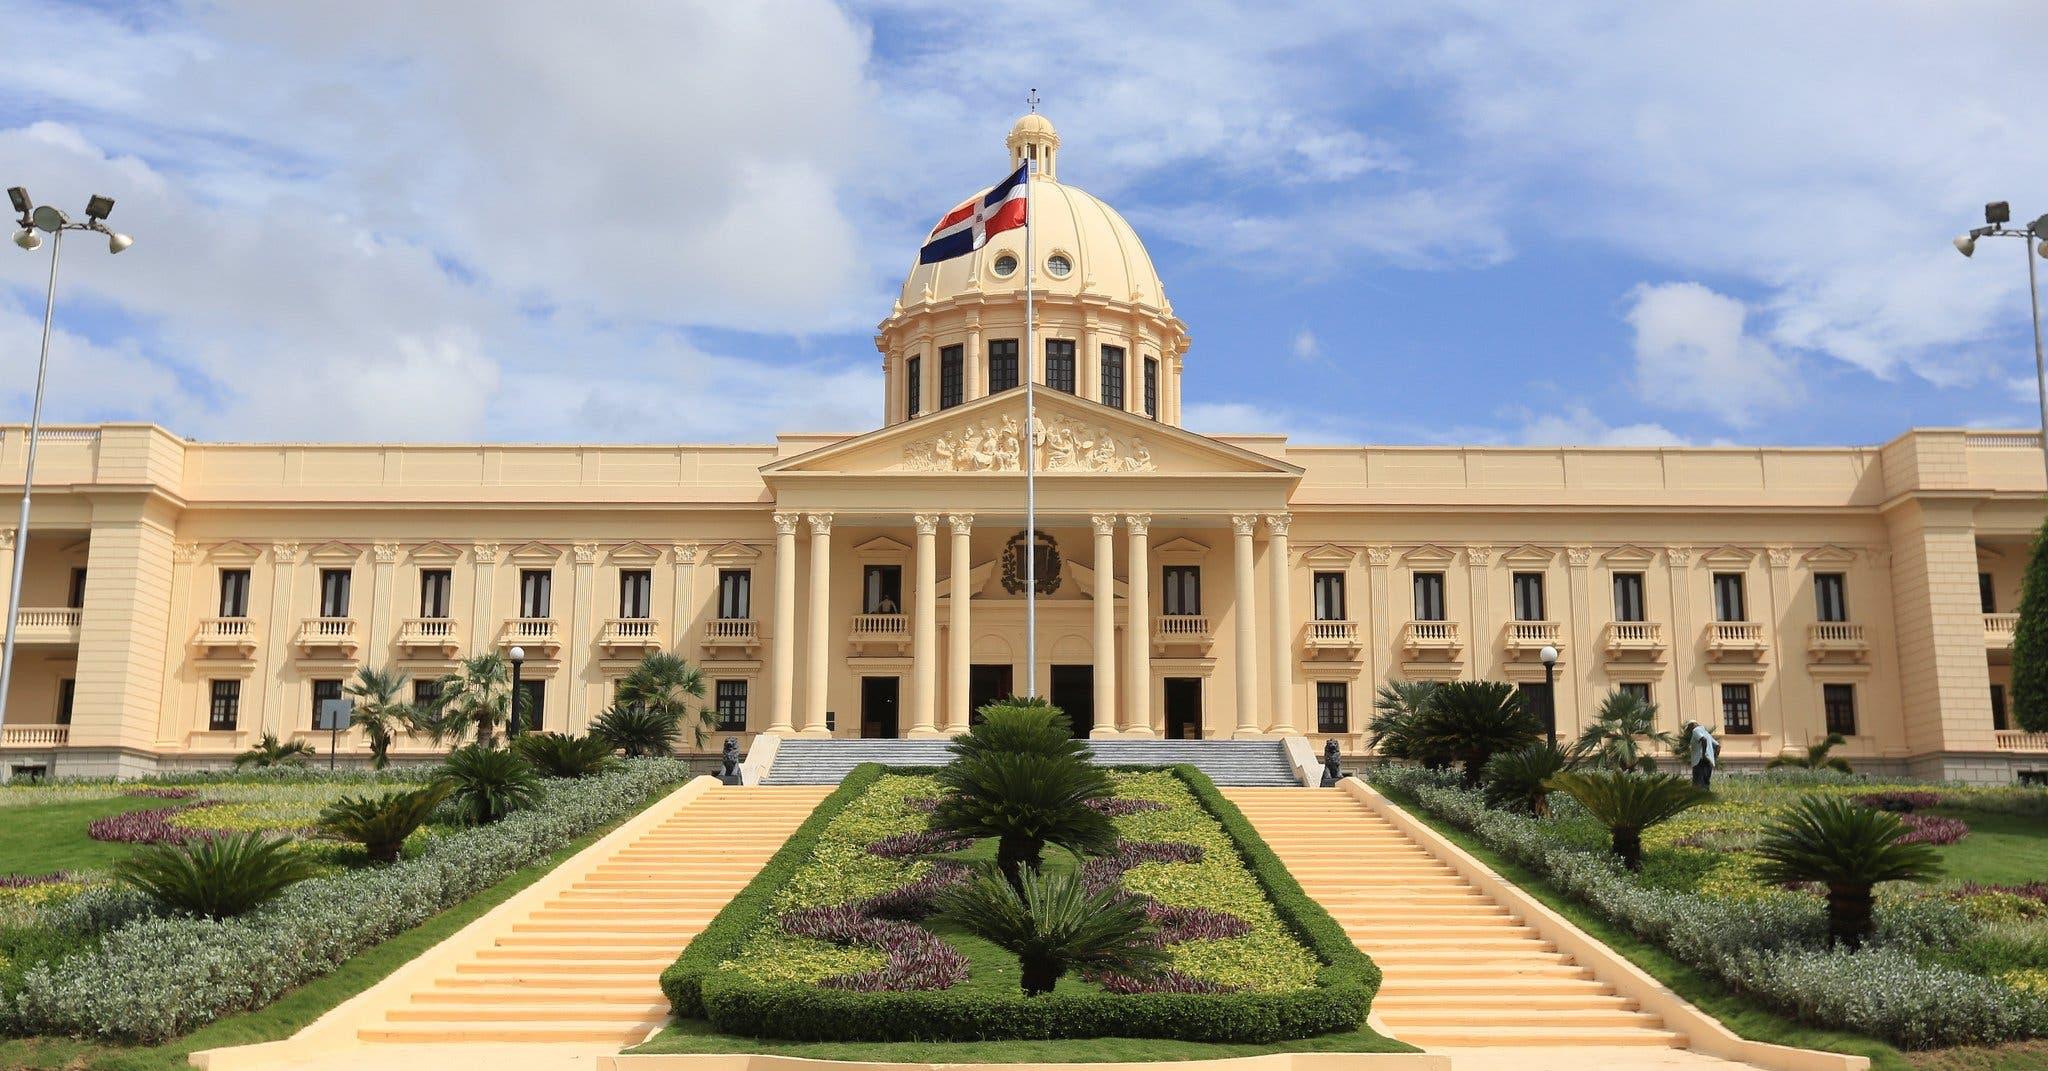 Hoy el Palacio Nacional será iluminado de verde vida por acuerdo París (COP21)